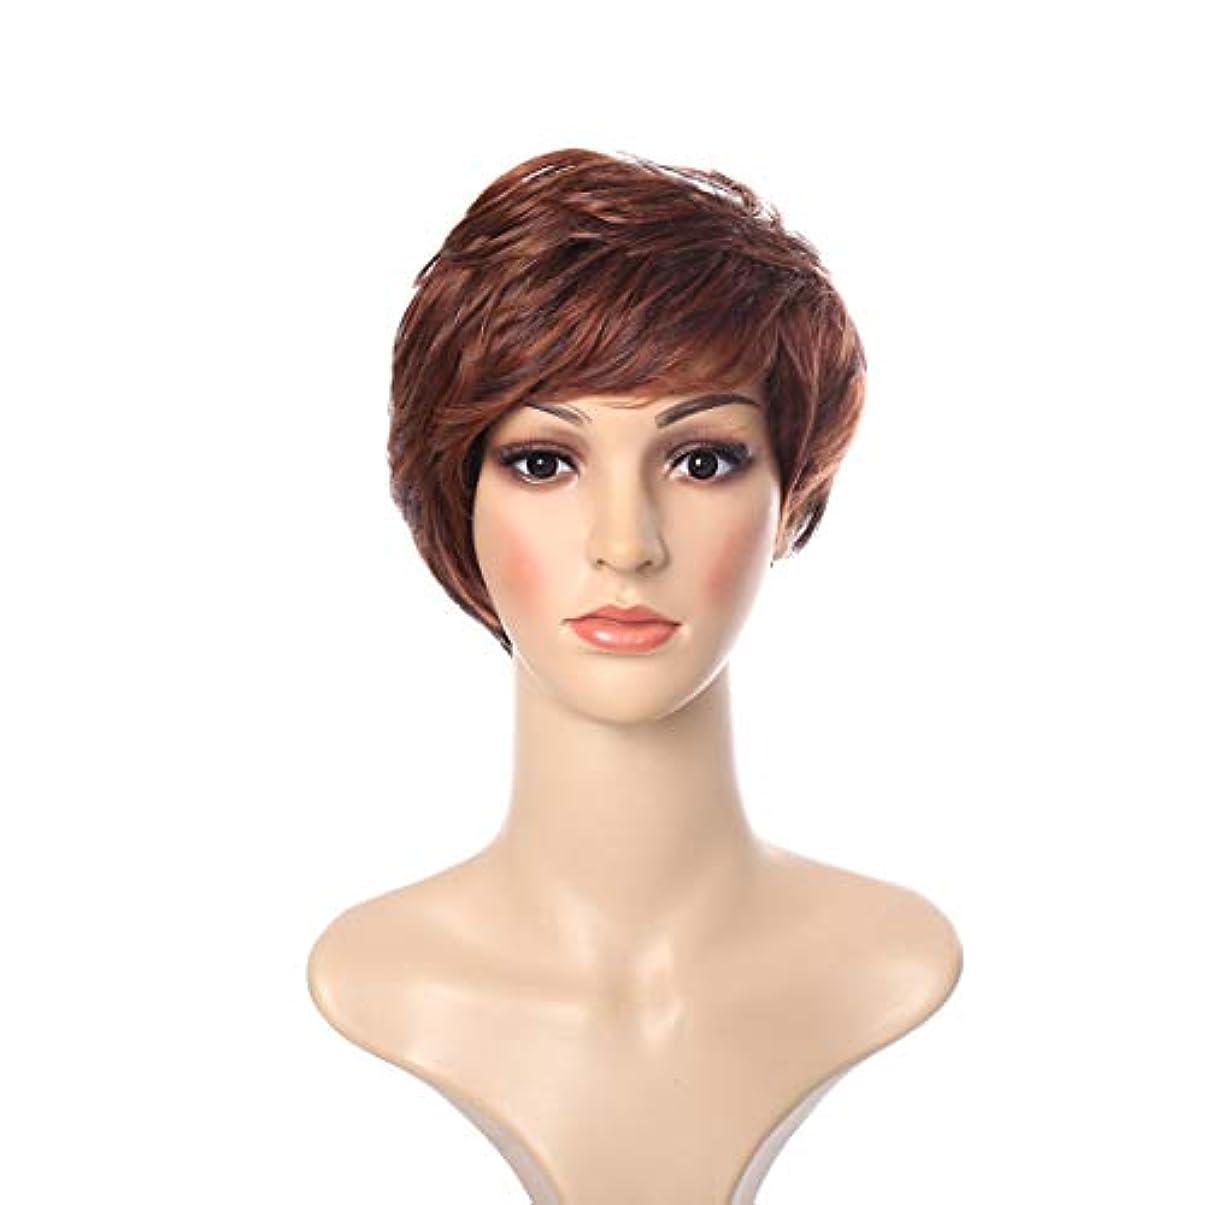 グラマーあたり分JIANFU ふわふわの偽のヘッドギアは、勾配ヨーロッパとアメリカのヘアスタイルの女性のショートヘアカール (Color : ブラウン)